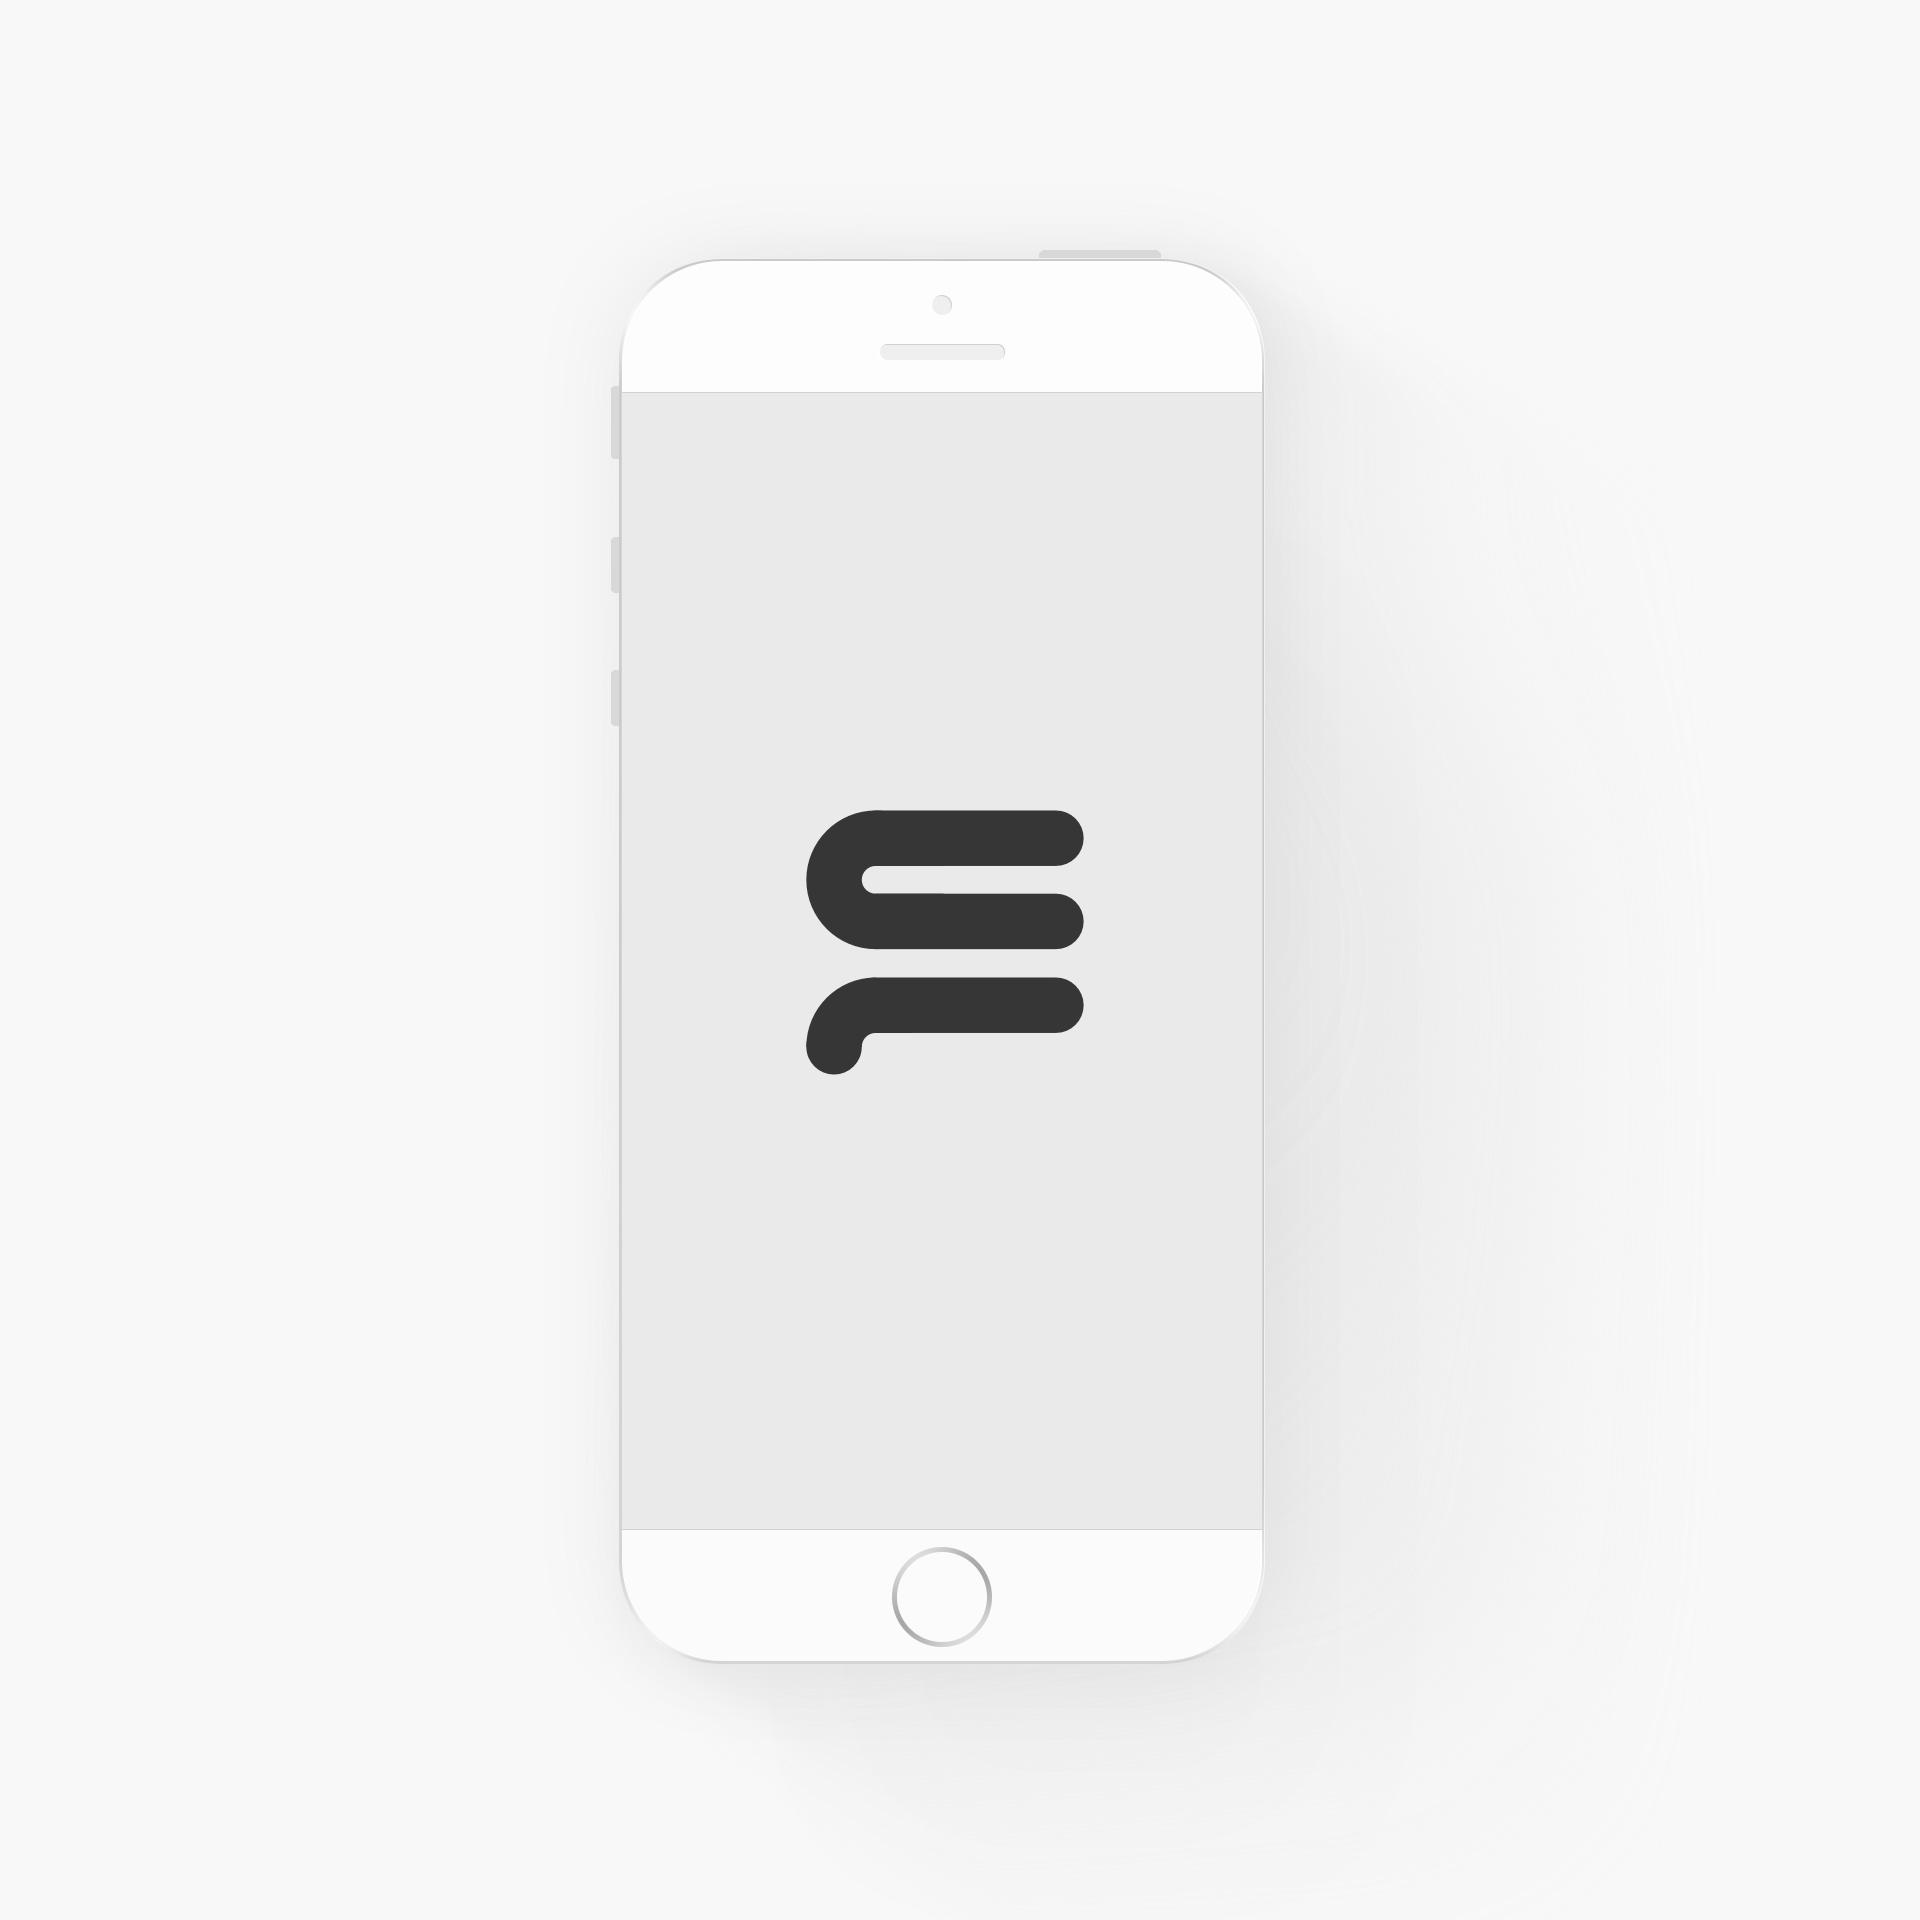 Responsive Webdesign - Smartphones